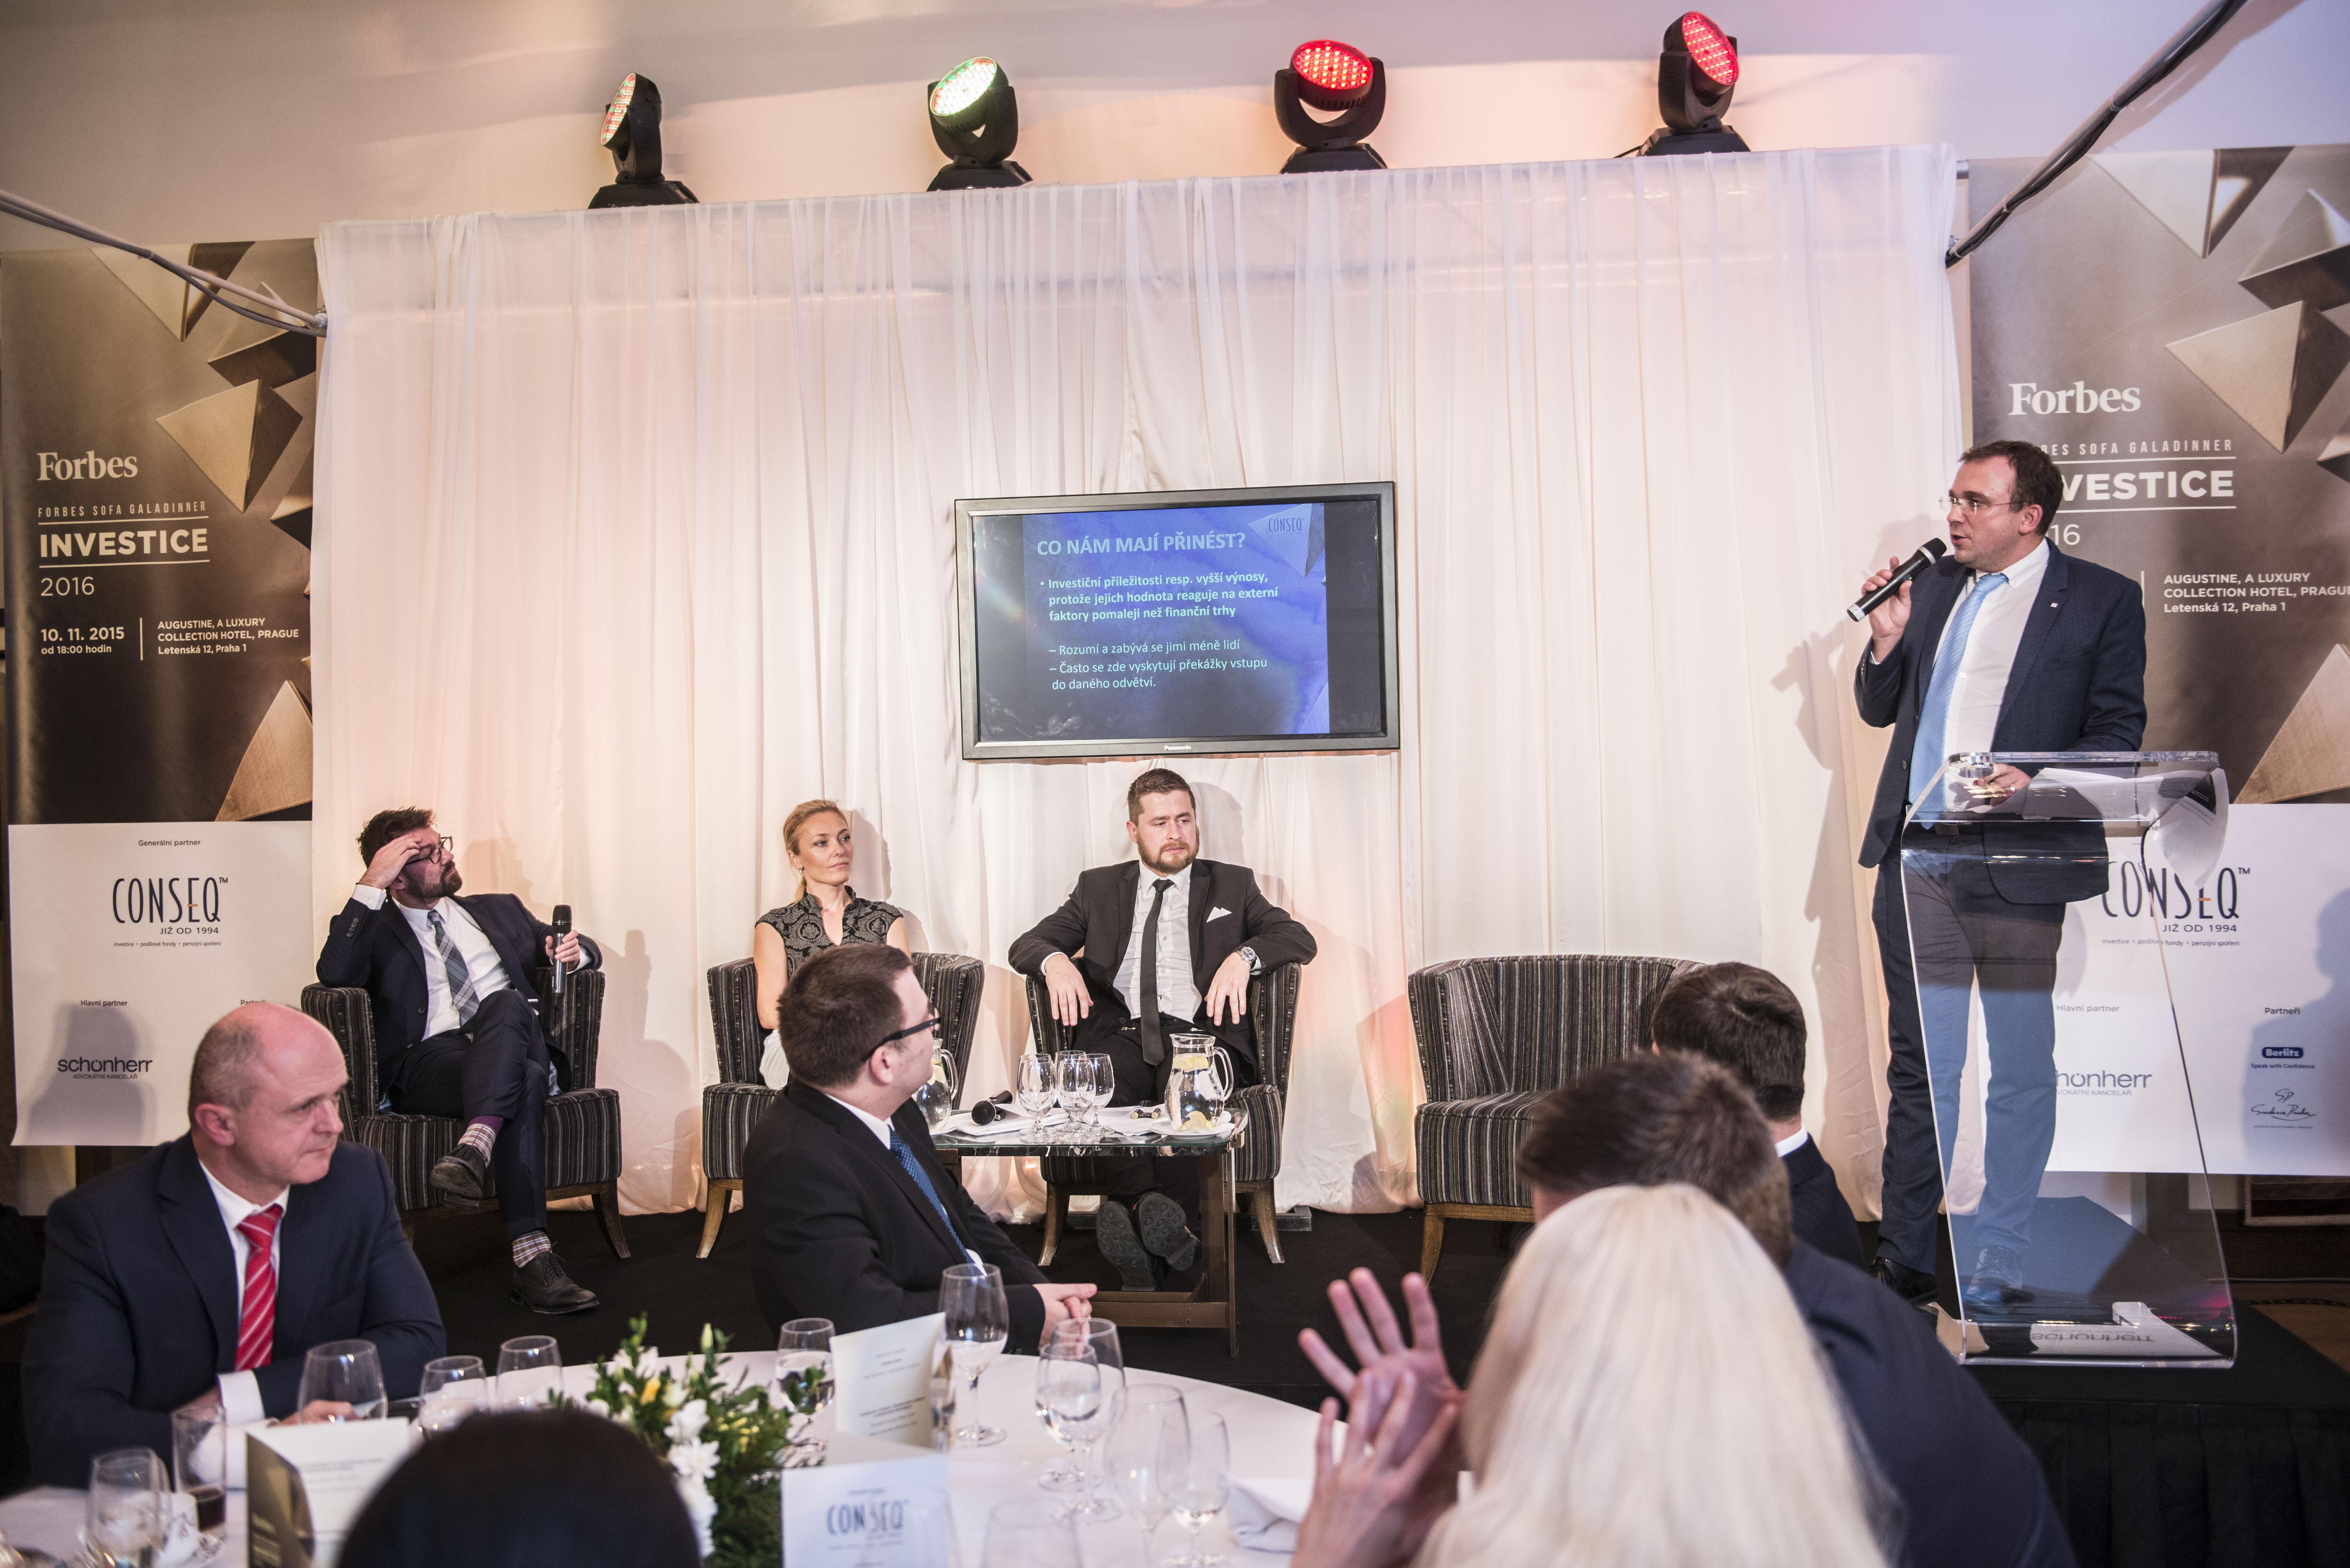 O investicích tradičních i alternativních hovořili (zleva) Petr Šimůnek (šéfredaktor Forbesu), Petra Sobotková (J&T Banka), Aleš Michl a Lukáš Vácha (Conseq).